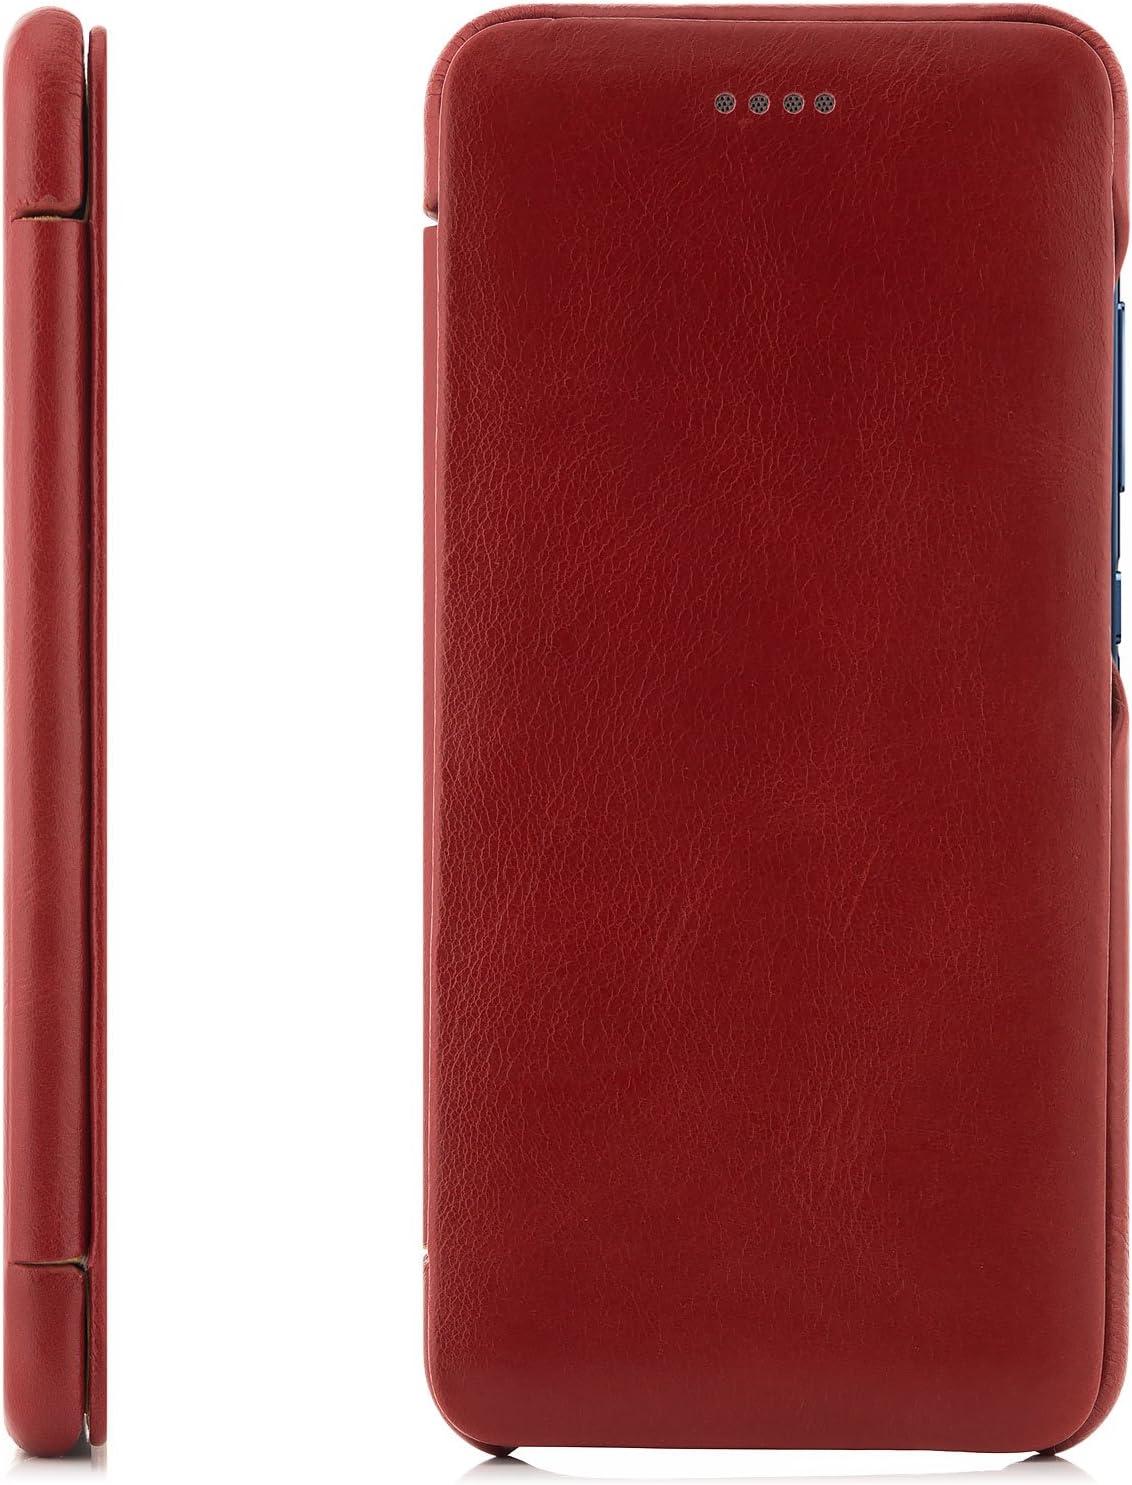 Surface Lisse S/érie Vintage Incurv/ée Rouge zanasta Coque Cuir Huawei P10 Housse de Protection Cuir V/éritable Portefeuille /Étui /à Rabat Ultra Mince avec Fermeture Magn/étique